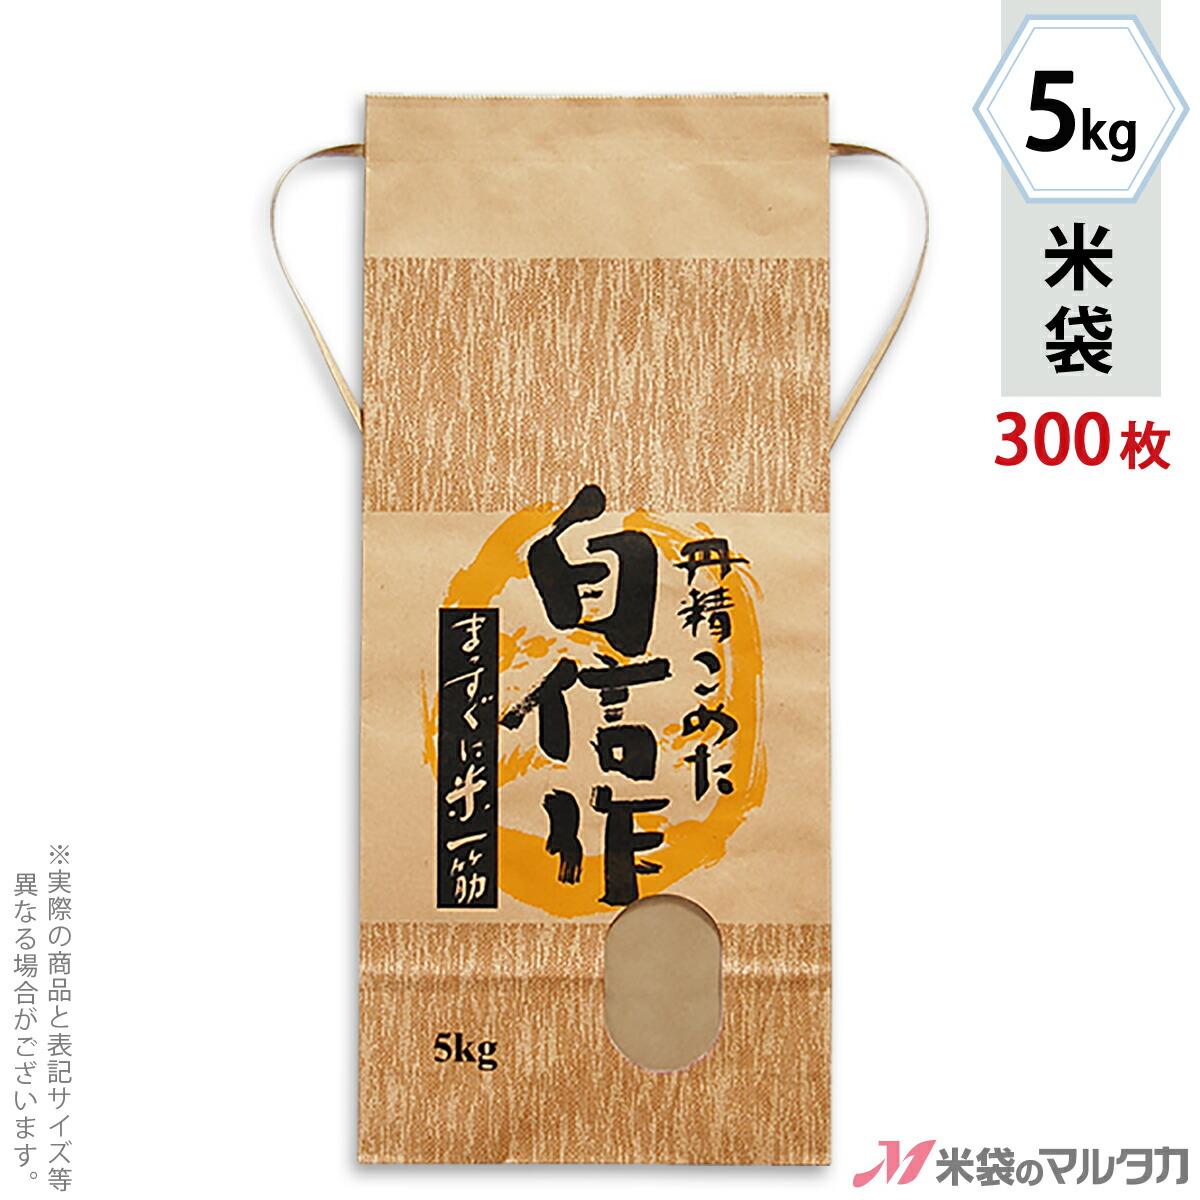 KH-0300 銘柄なし米袋「丹精こめた自信作」